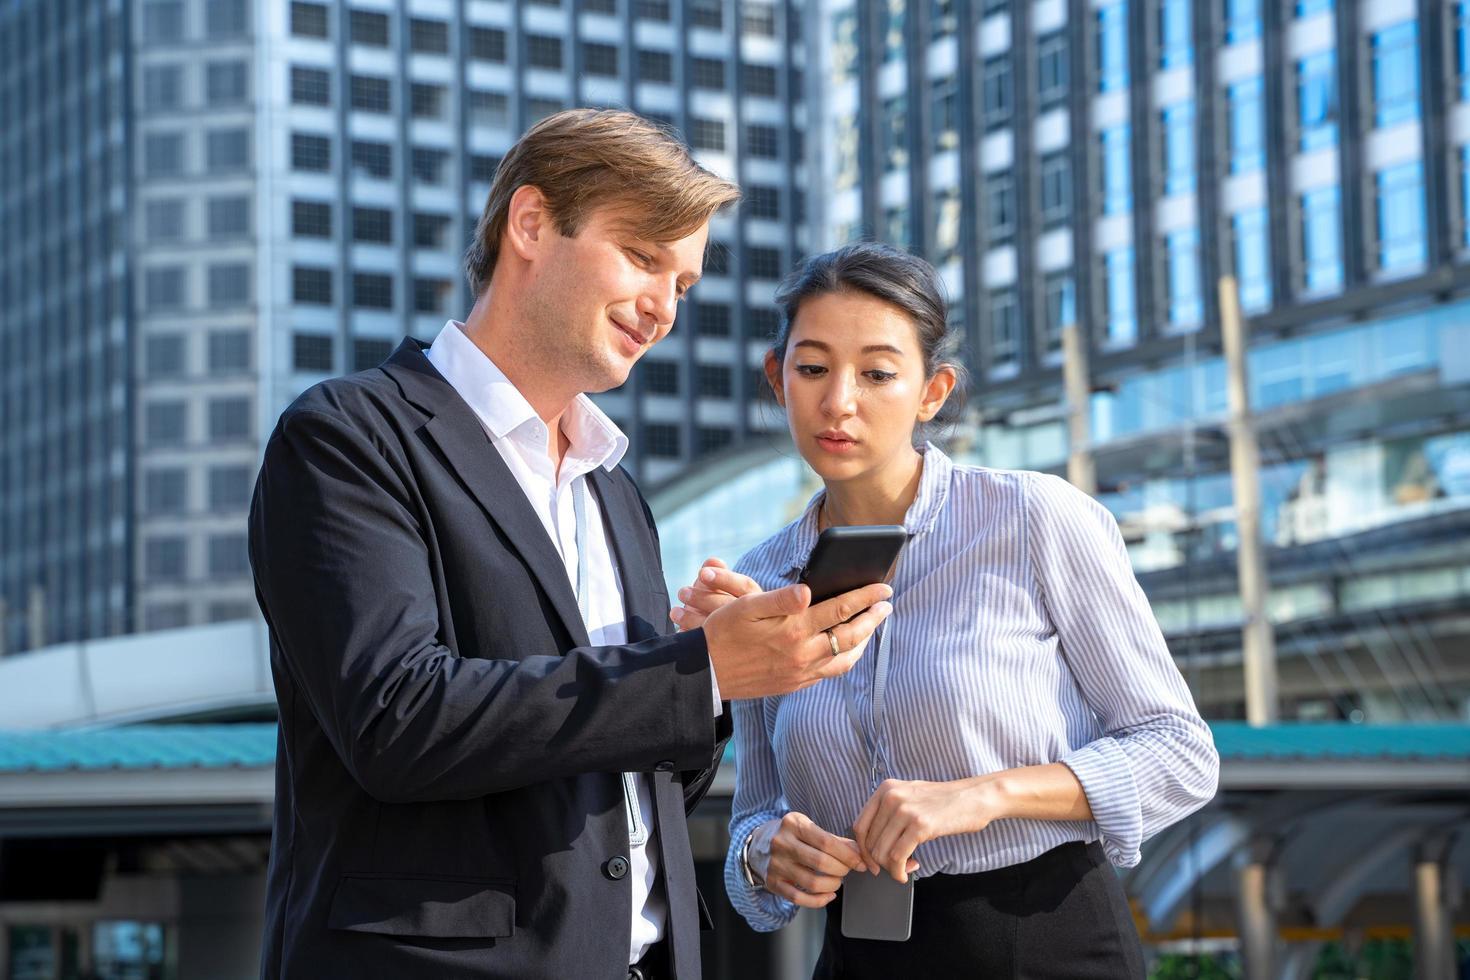 uomo e donna guardando il cellulare foto